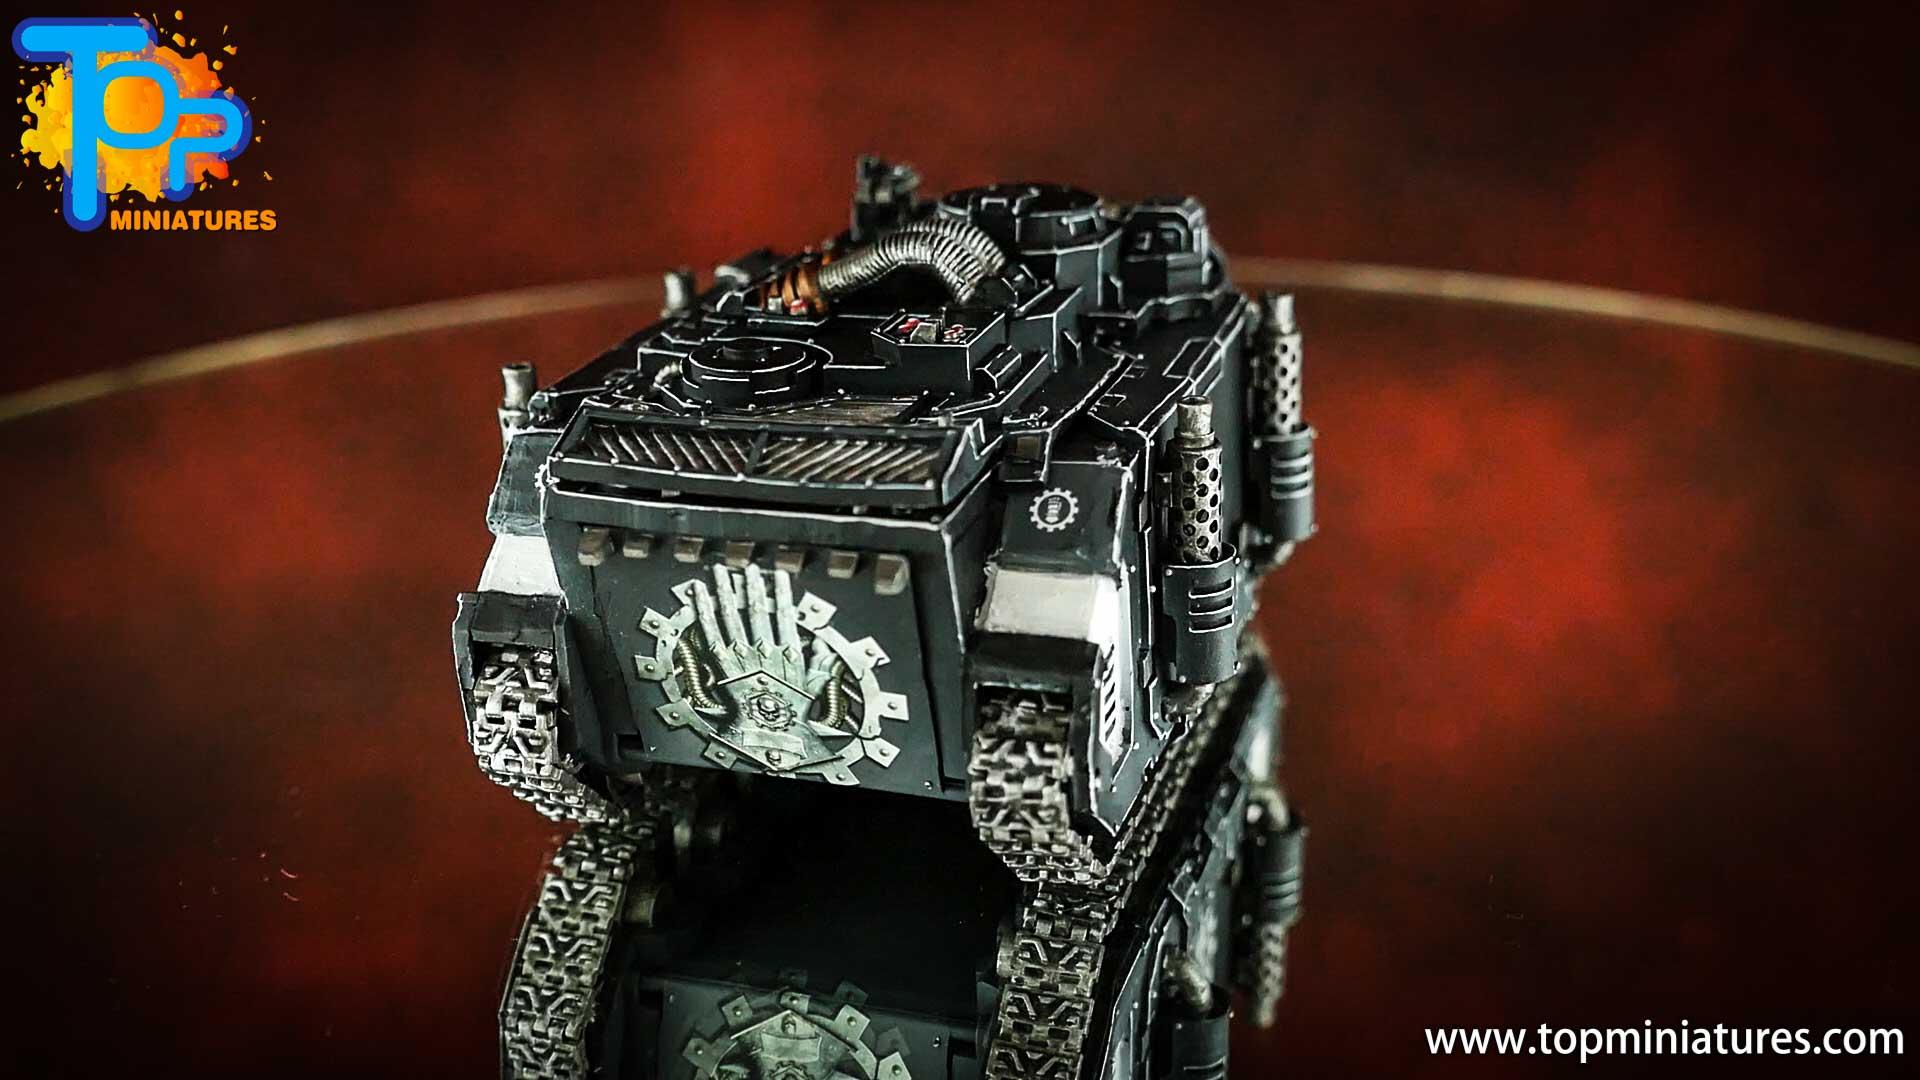 deimos vindicator laser destroyer (1)